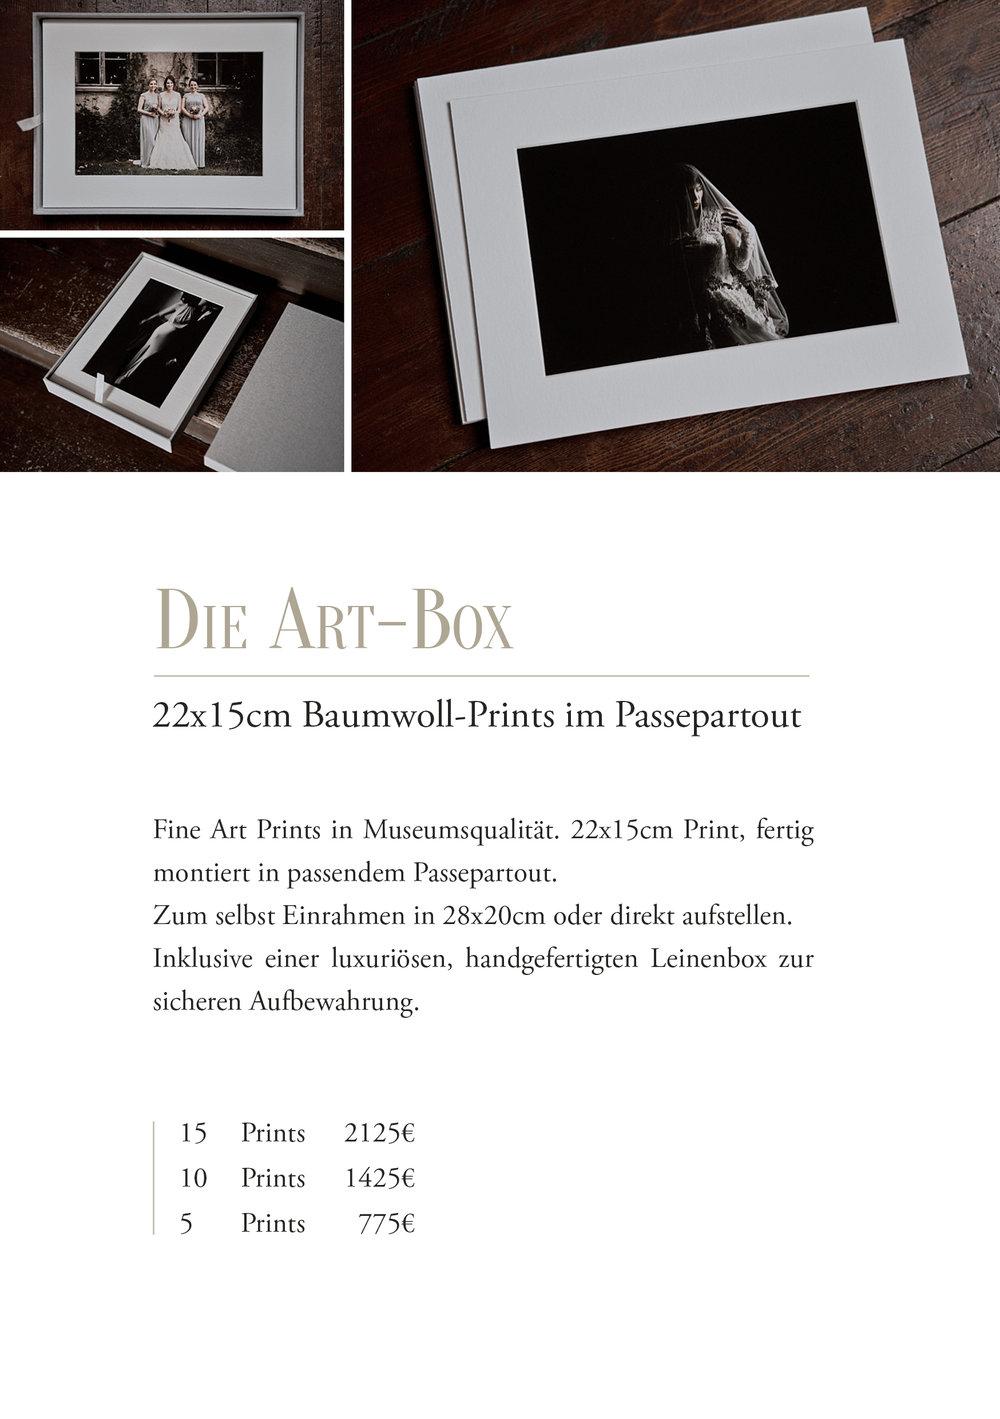 FineArtPrints_Preise_S3.jpg